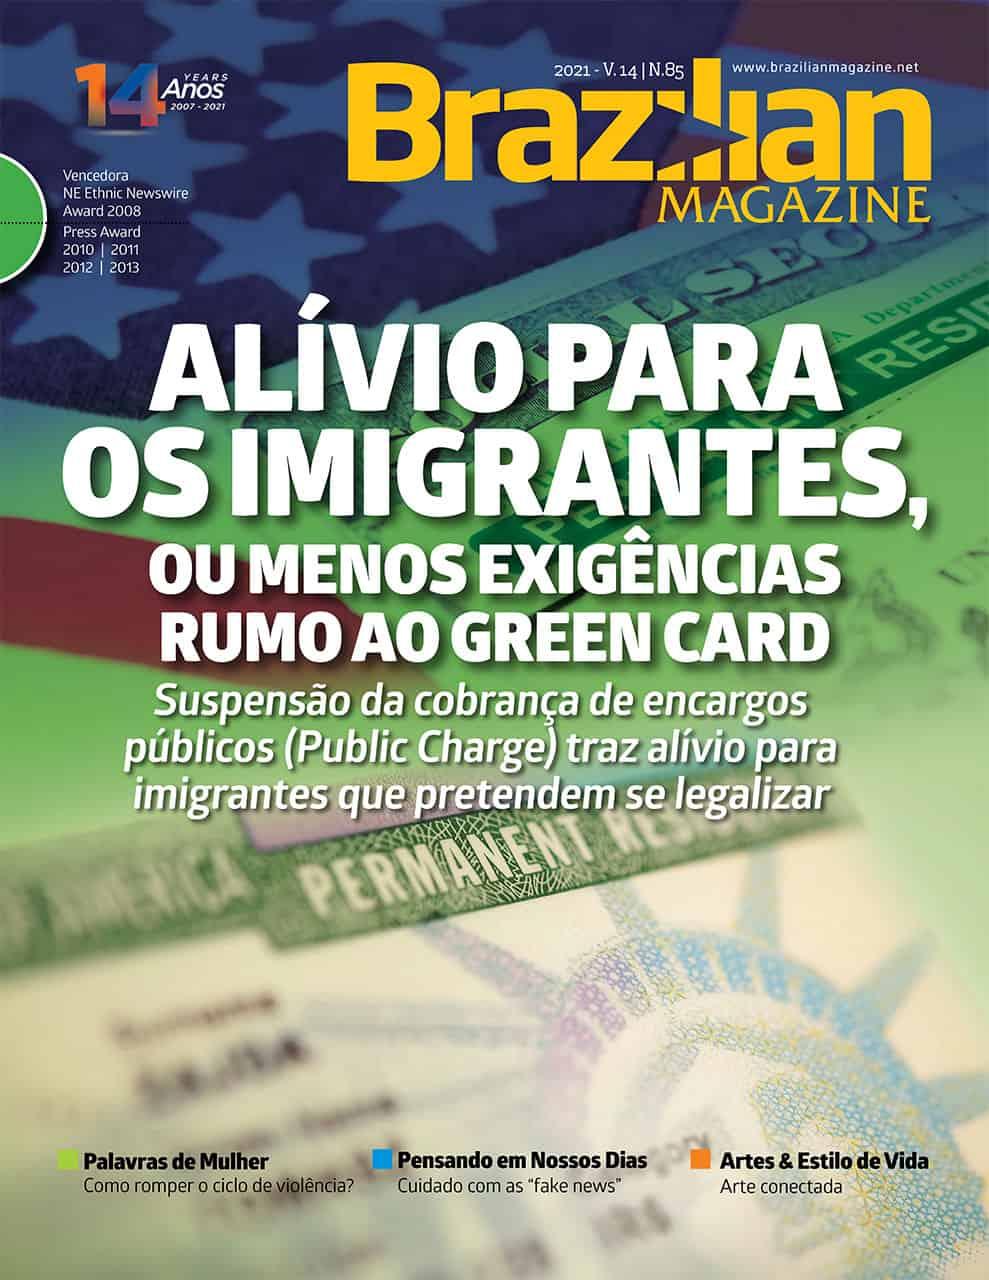 Brazilian_Magazine_ABR_2021_ISSUU-1